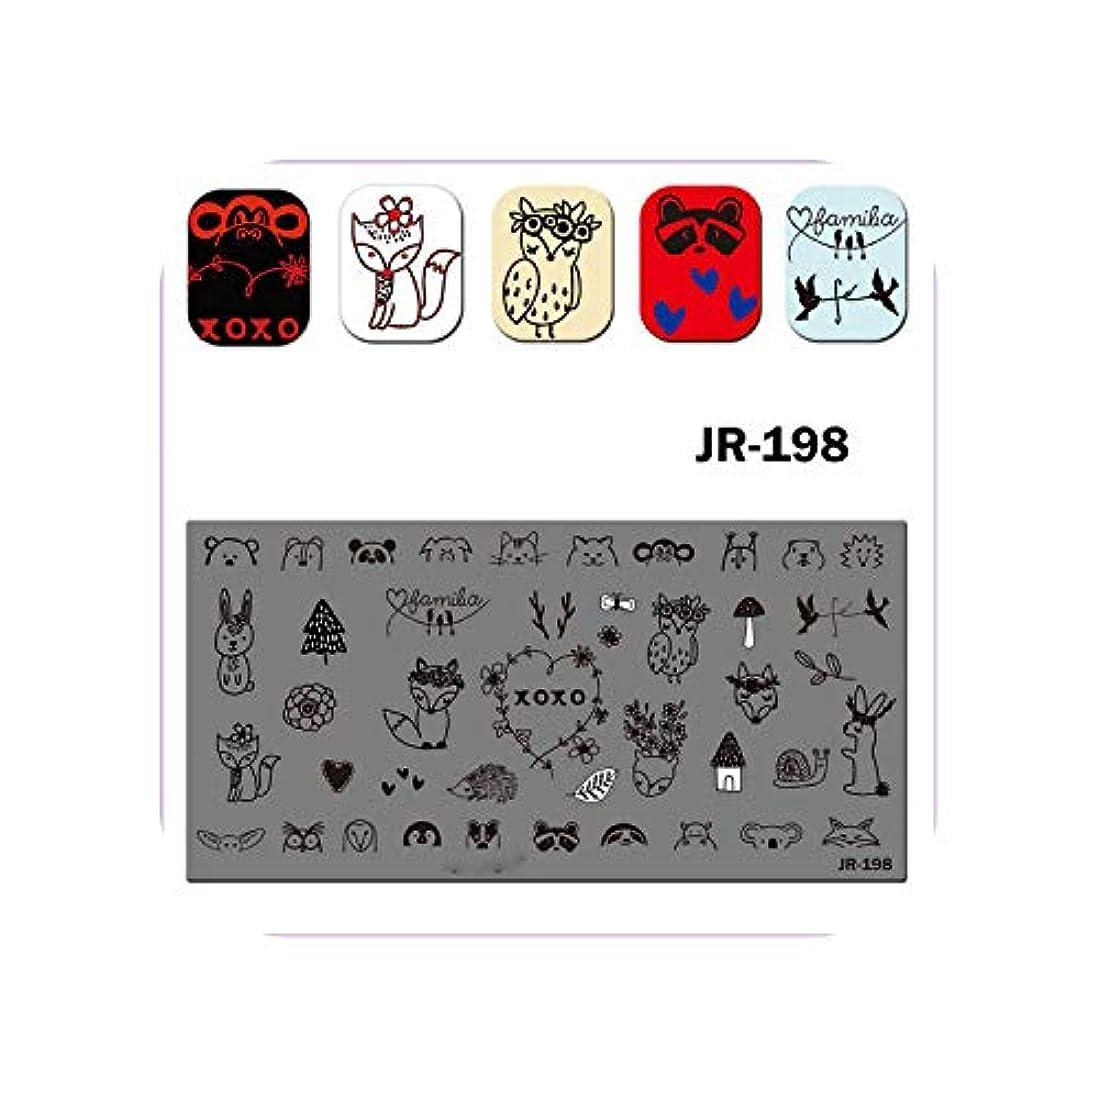 ベリバスケットボール不忠2019フェニックスクリスマスムーンヒョウスキン句読点猫星ネイルツール,JR198